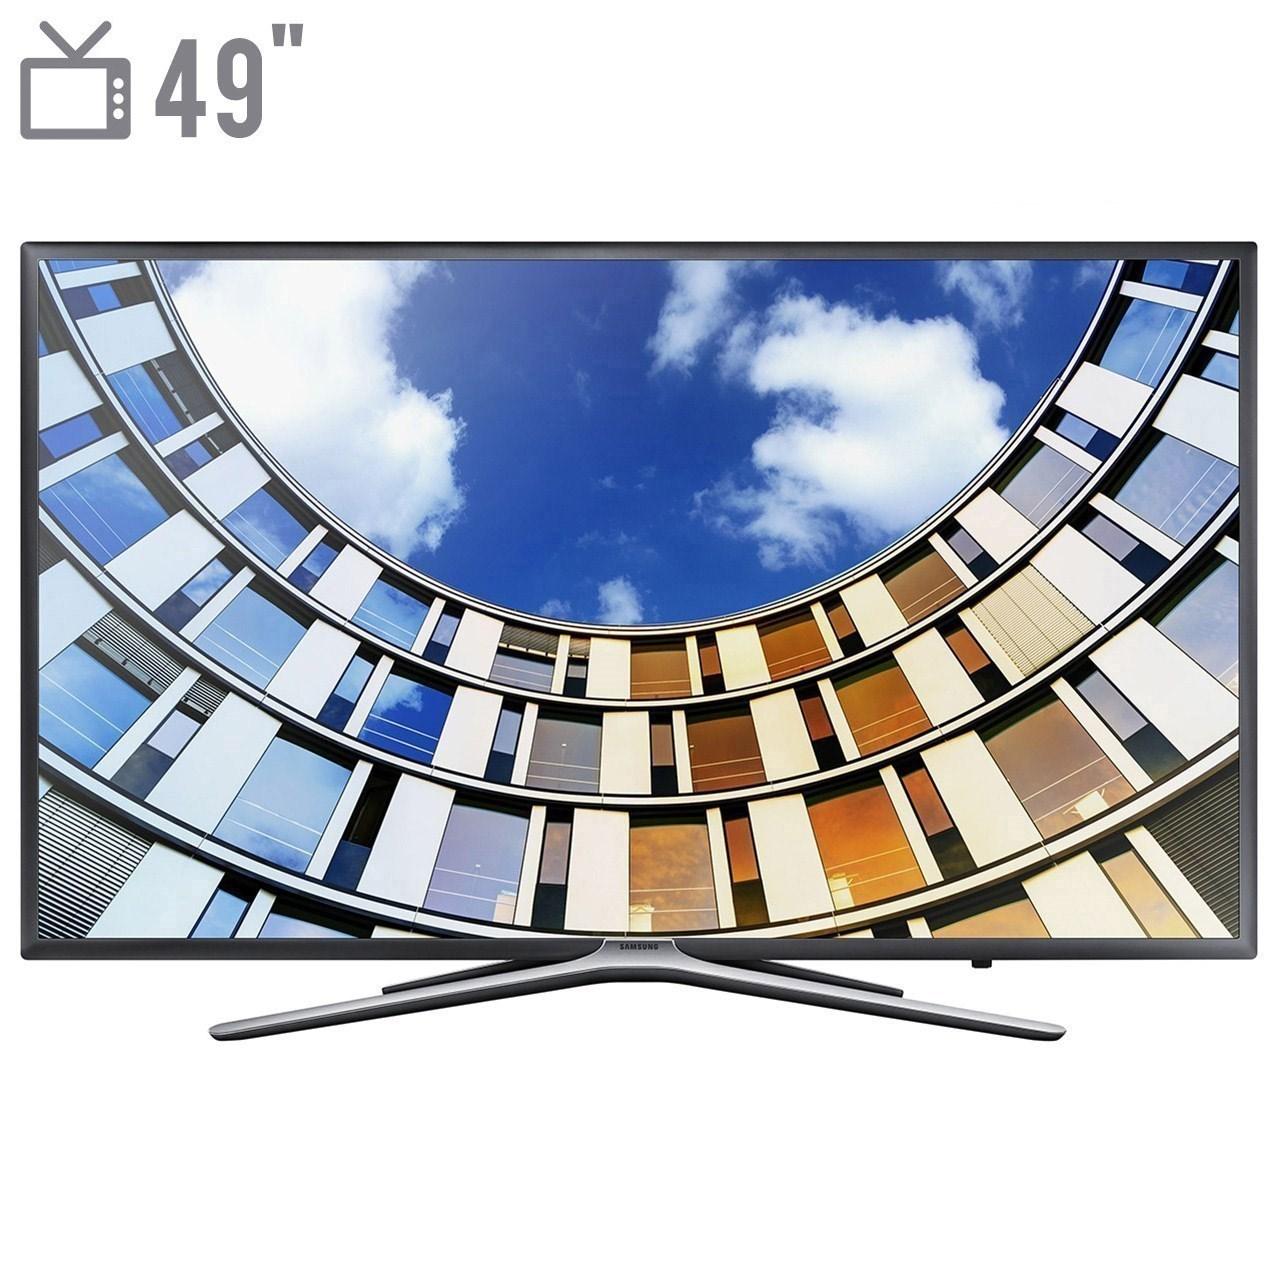 تلویزیون ال ای دی هوشمند سامسونگ مدل 49M6970 سایز 49 اینچ